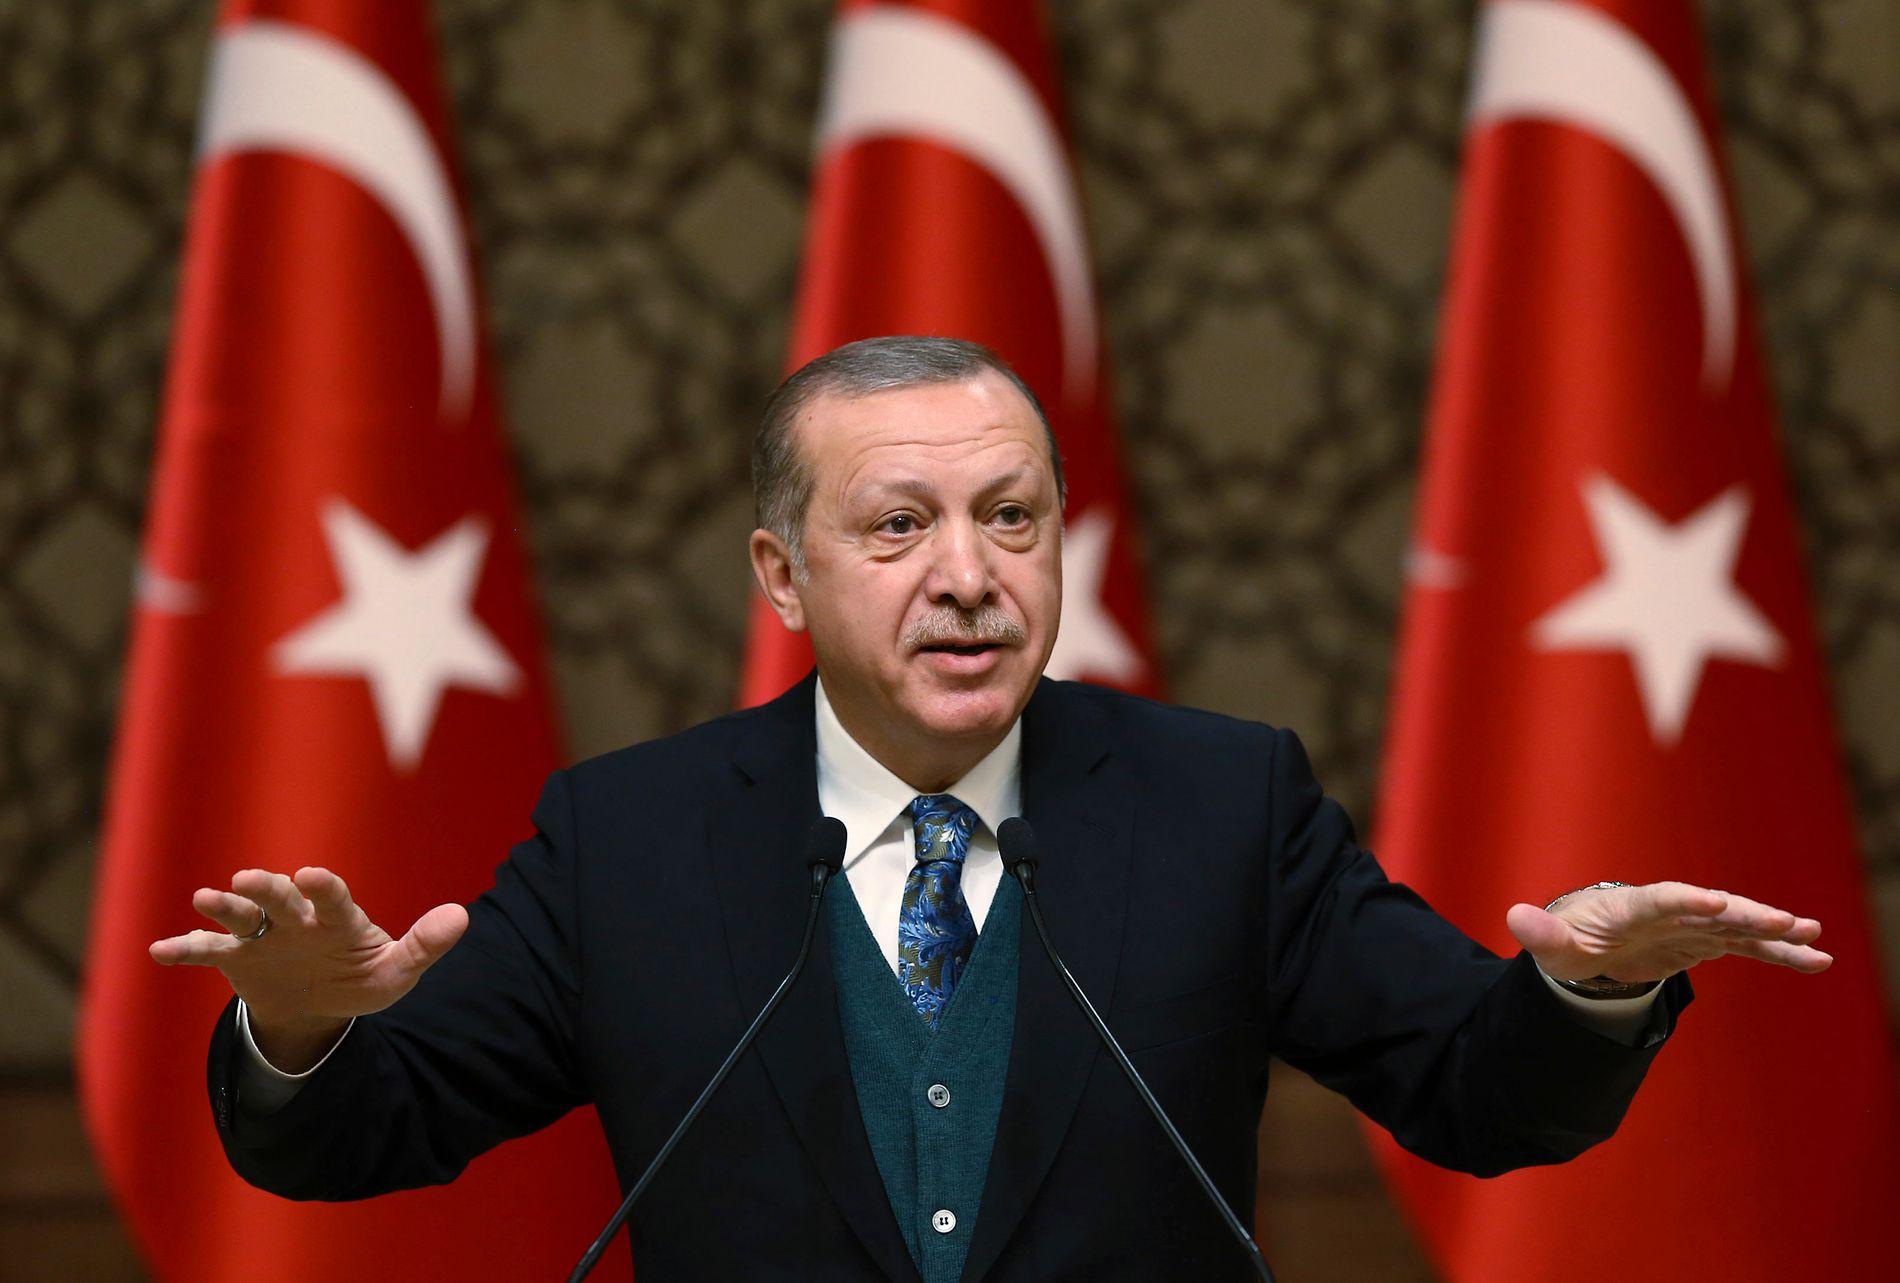 MEKTIG: President Recep Tayyip Erdogan har allerede stor makt, og dersom det blir nyvalg får han trolig enda mer. Men han har ikke bestemt seg ennå.